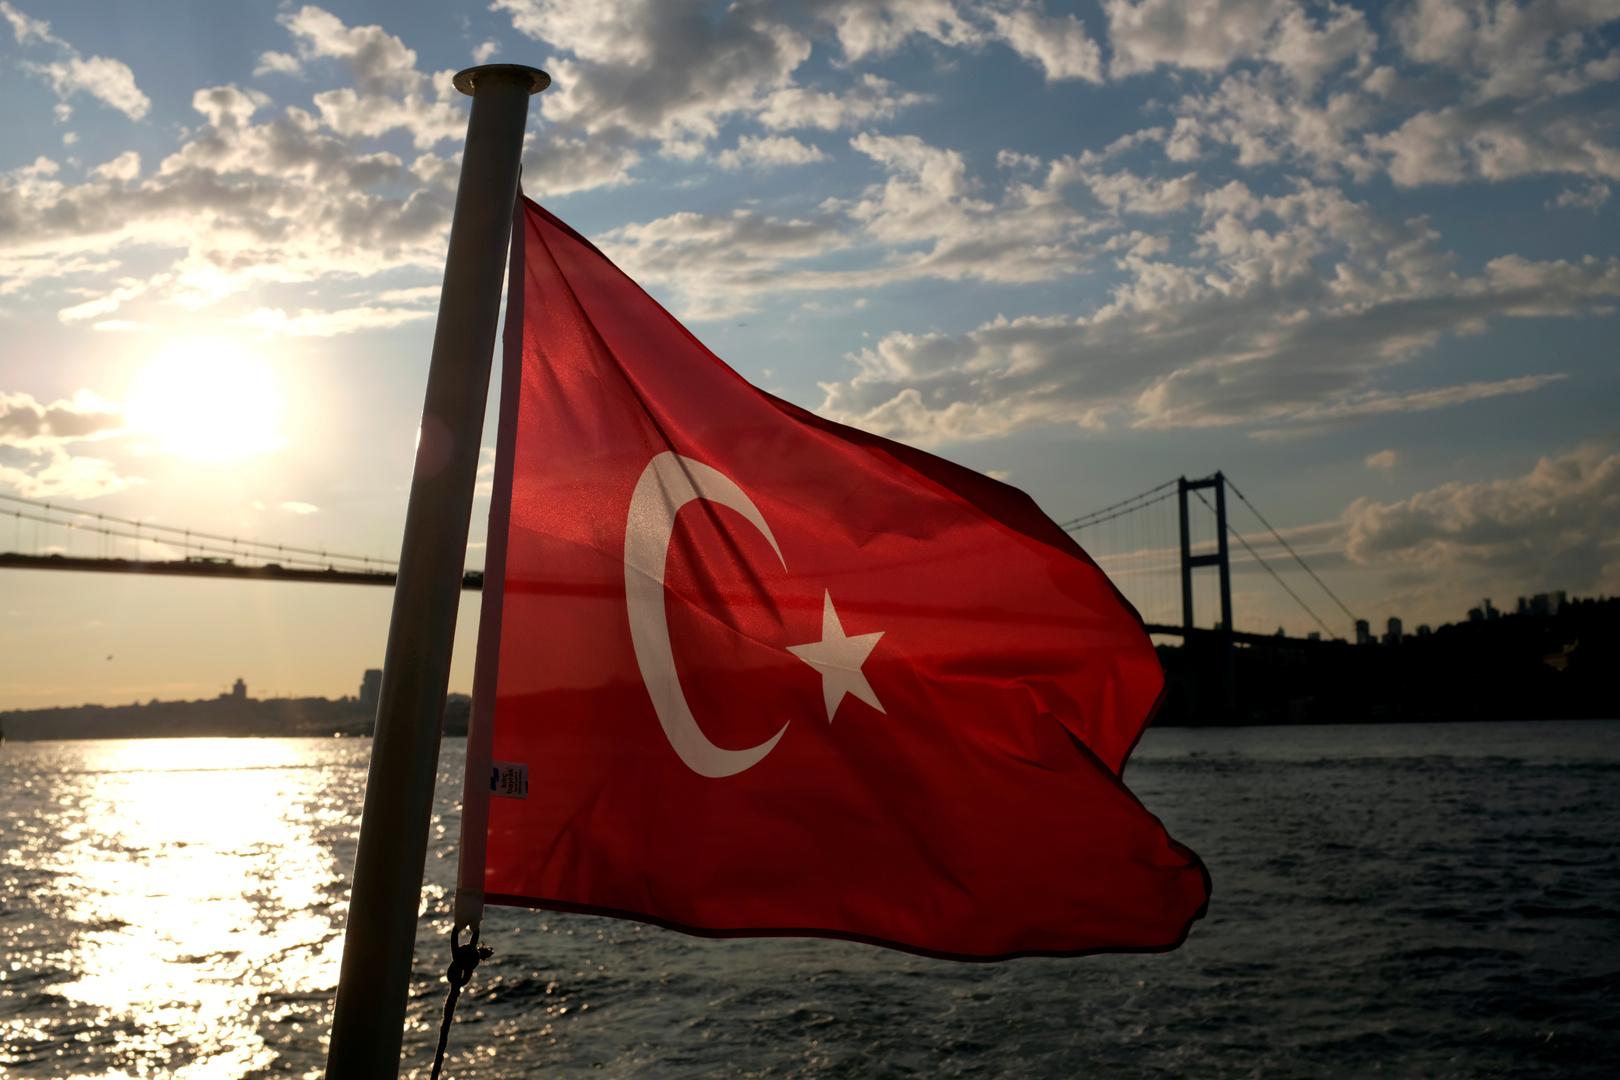 تقارير: تركيا تحجز أجزاء من شمال وشرق بحر إيجة لإجراء تدريبات عسكرية